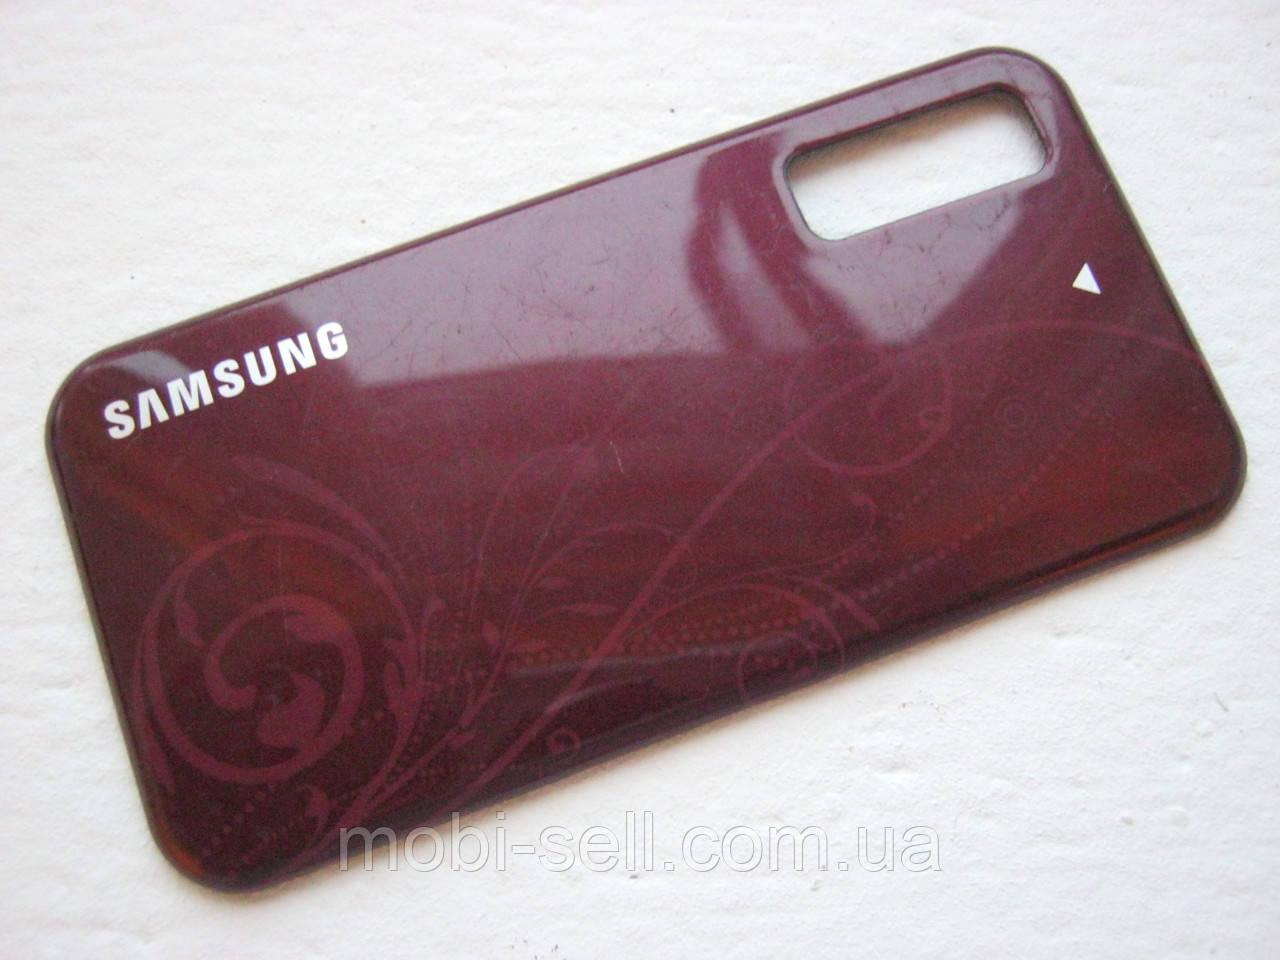 Задняя панель для Samsung S5230 La Fleur Б/У (крышка аккумулятора)